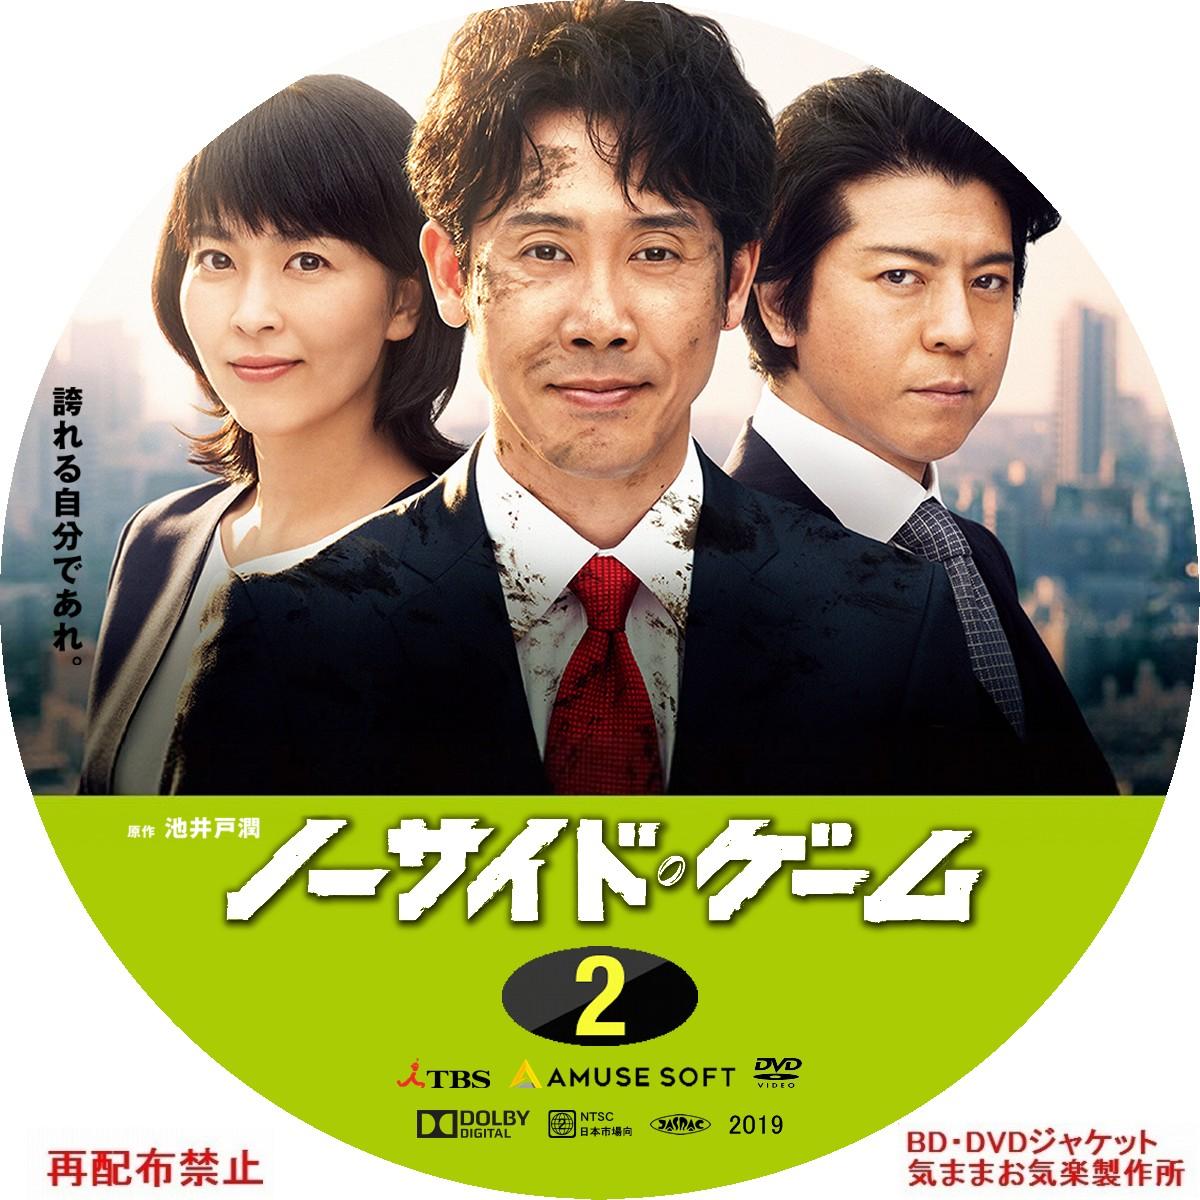 noside_game_DVD02.jpg